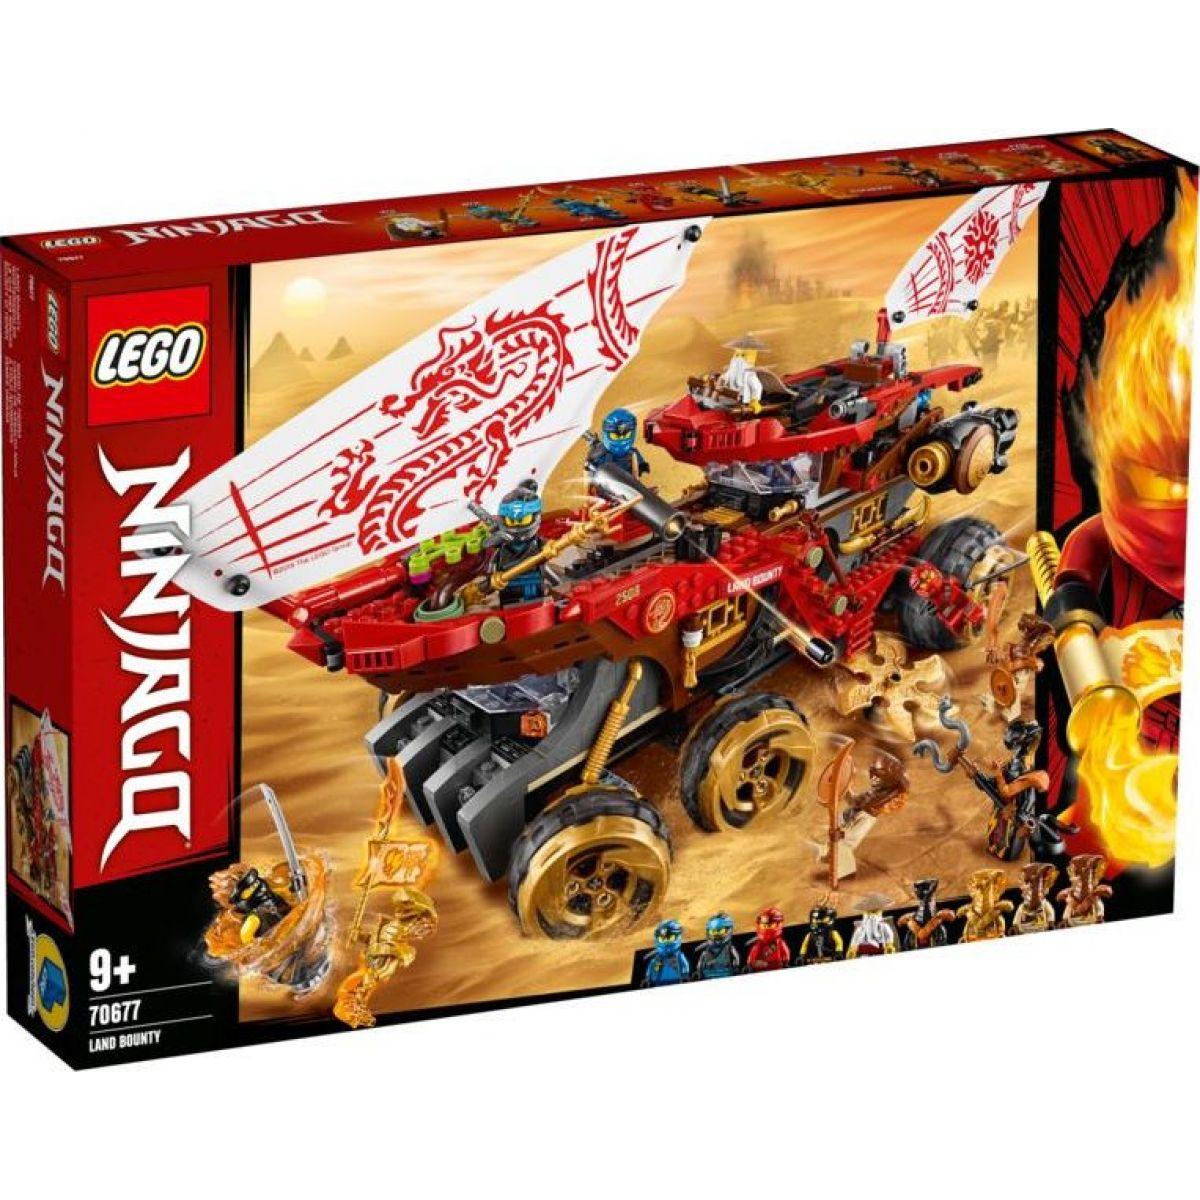 Lego Ninjago 70677 Pozemní Odměna osudu - Poškozený obal